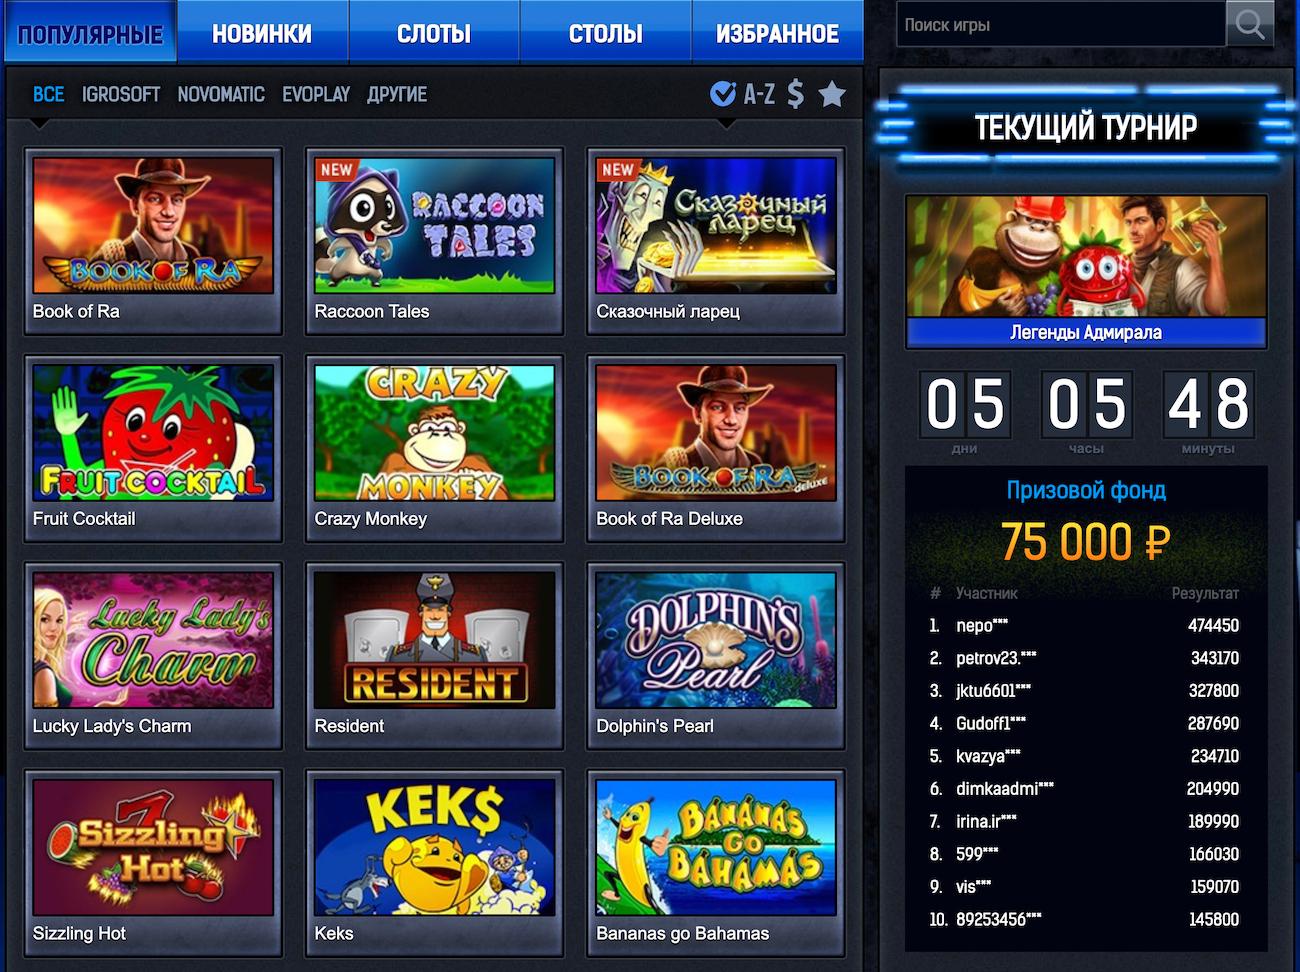 Игровые автоматы адмирал онлайн бесплатно схемы работы казино